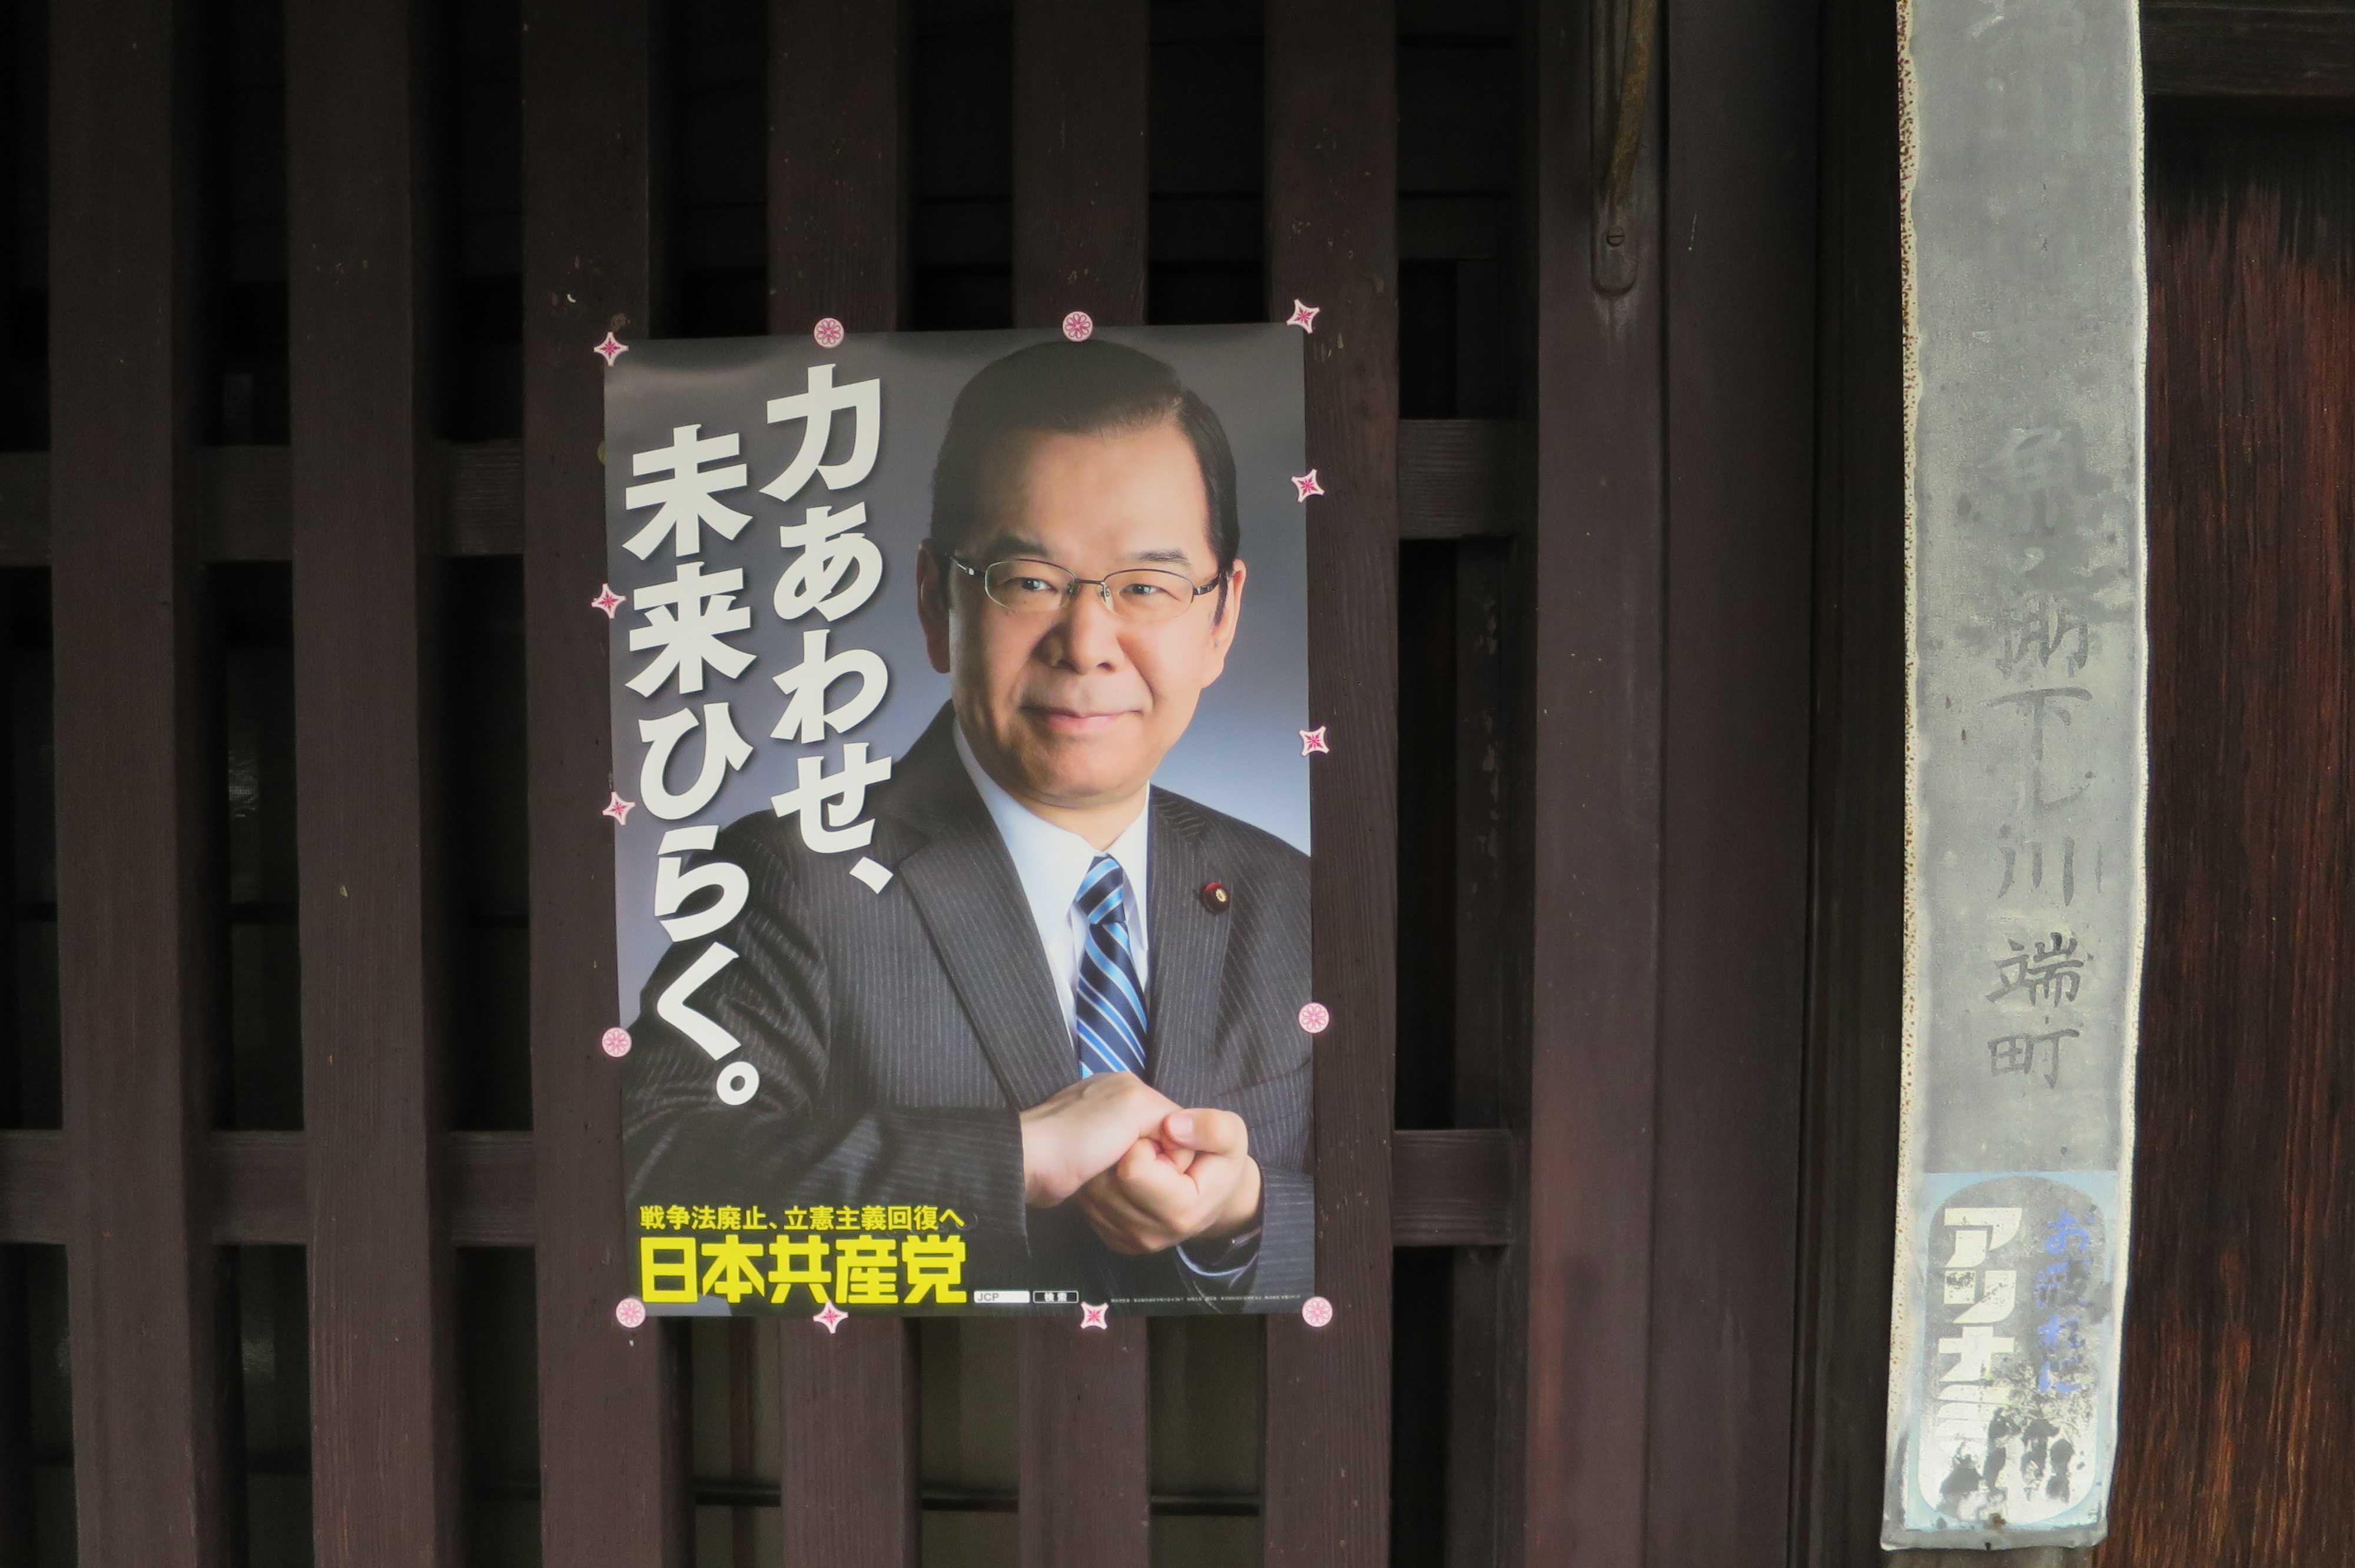 京都の共産党ポスター - 力あわせ、未来ひらく 戦争法廃止、立憲主義回復へ 日本共産党